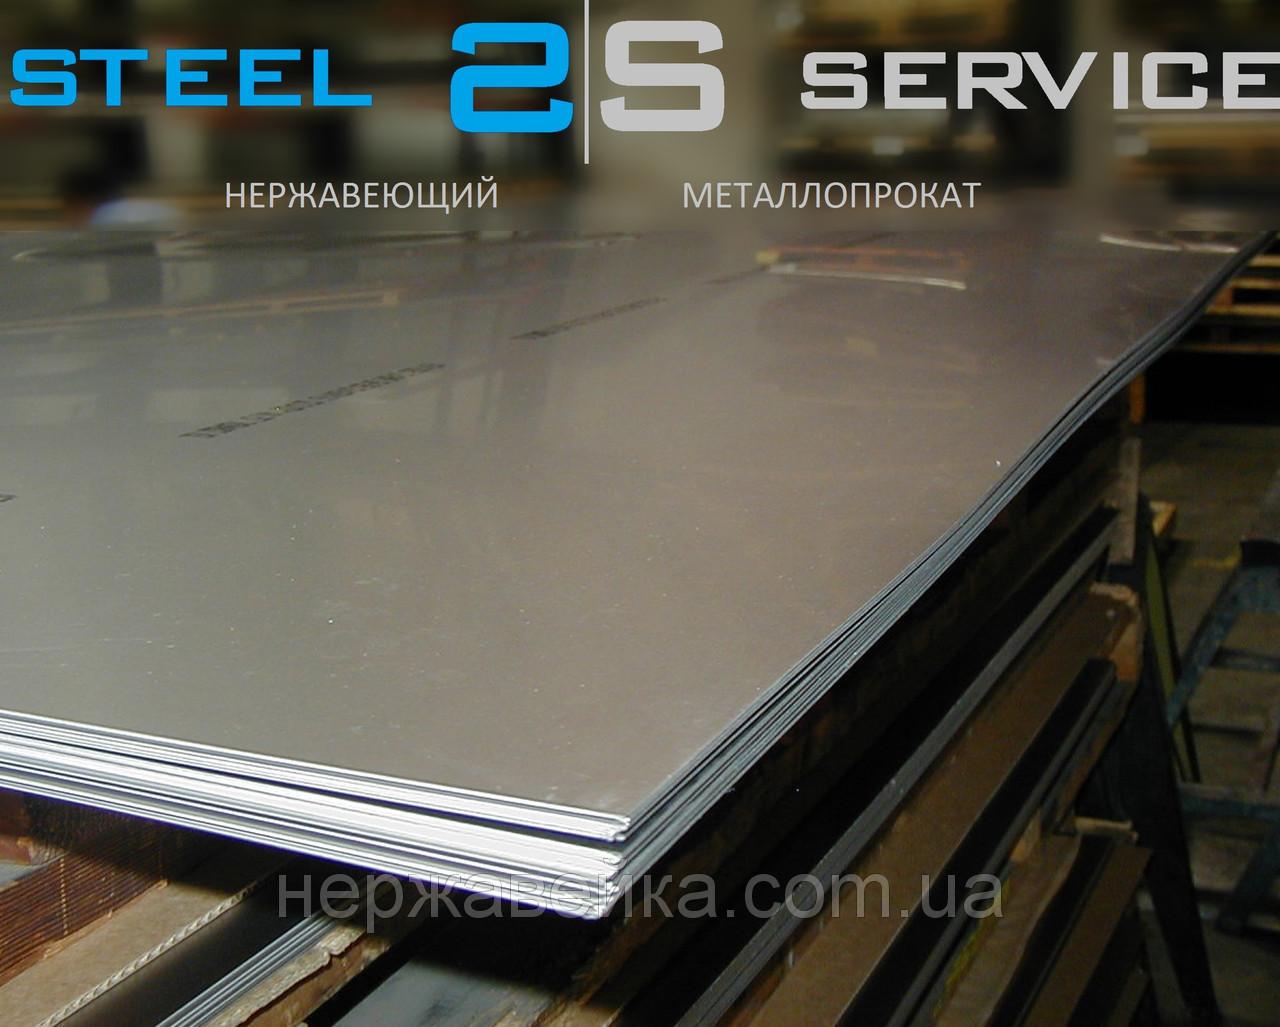 Нержавейка лист 8х1500х3000мм  AISI 309(20Х23Н13, 20Х20Н14С2) F1 - горячекатанный,  жаропрочный